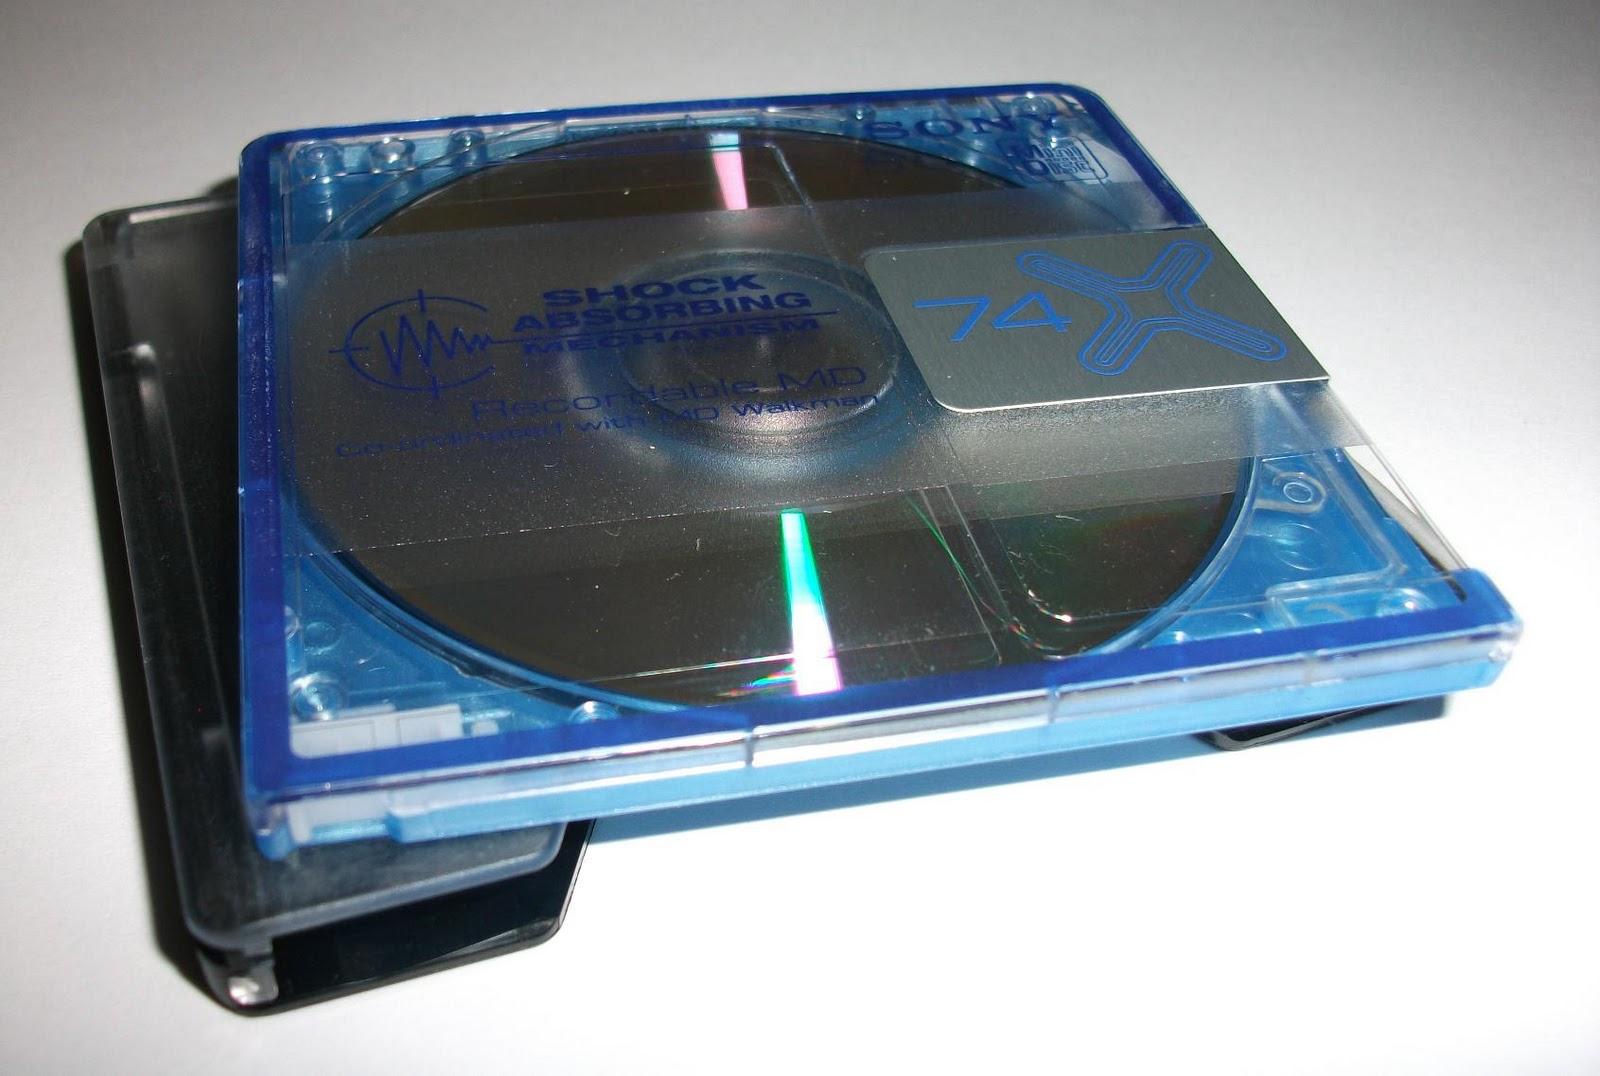 Download NetMD USB-Drivers voor uw Sony MiniDisc met ...